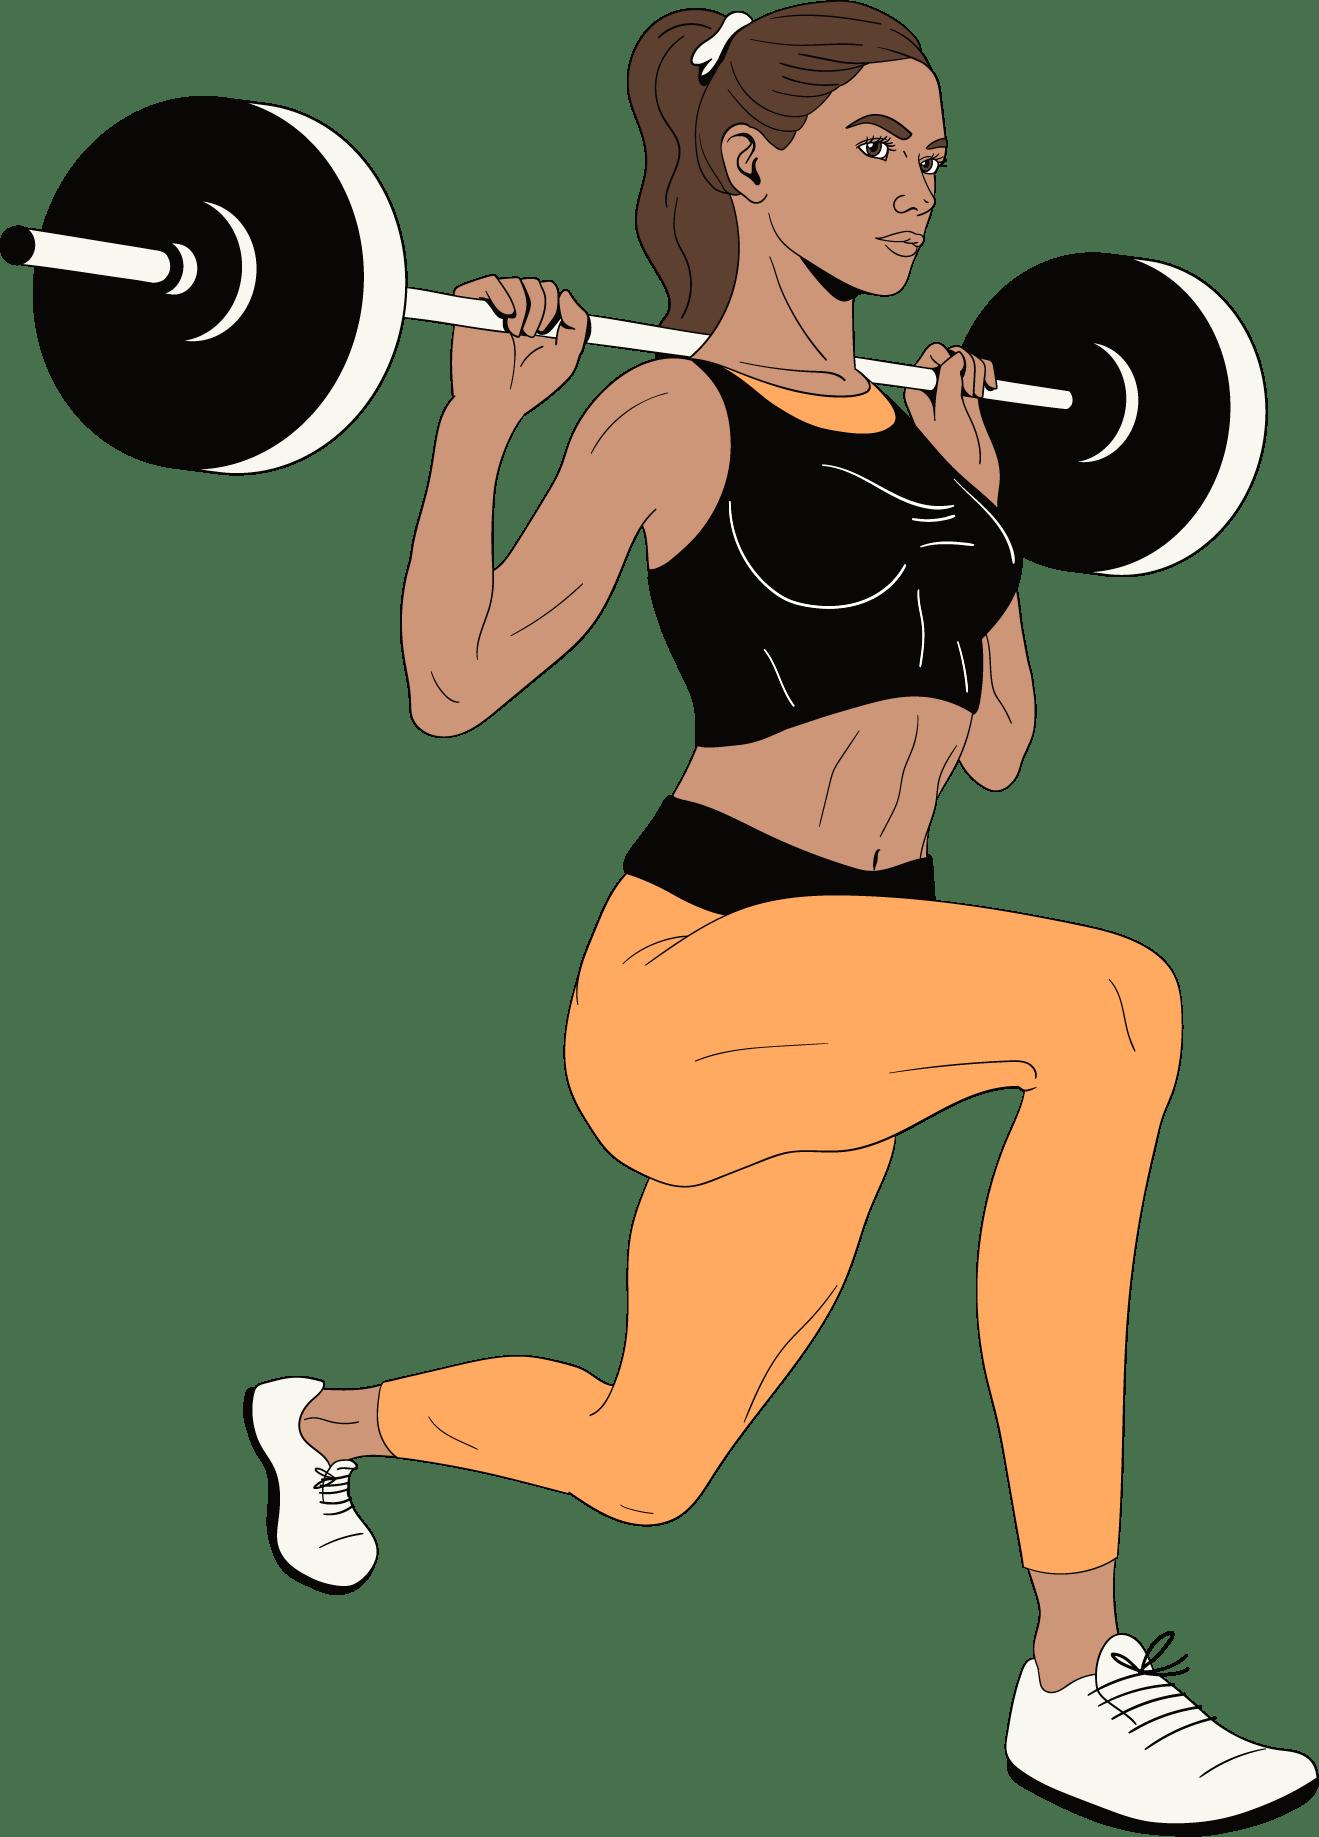 Een vrouw gaat sporten om haar ex te vergeten